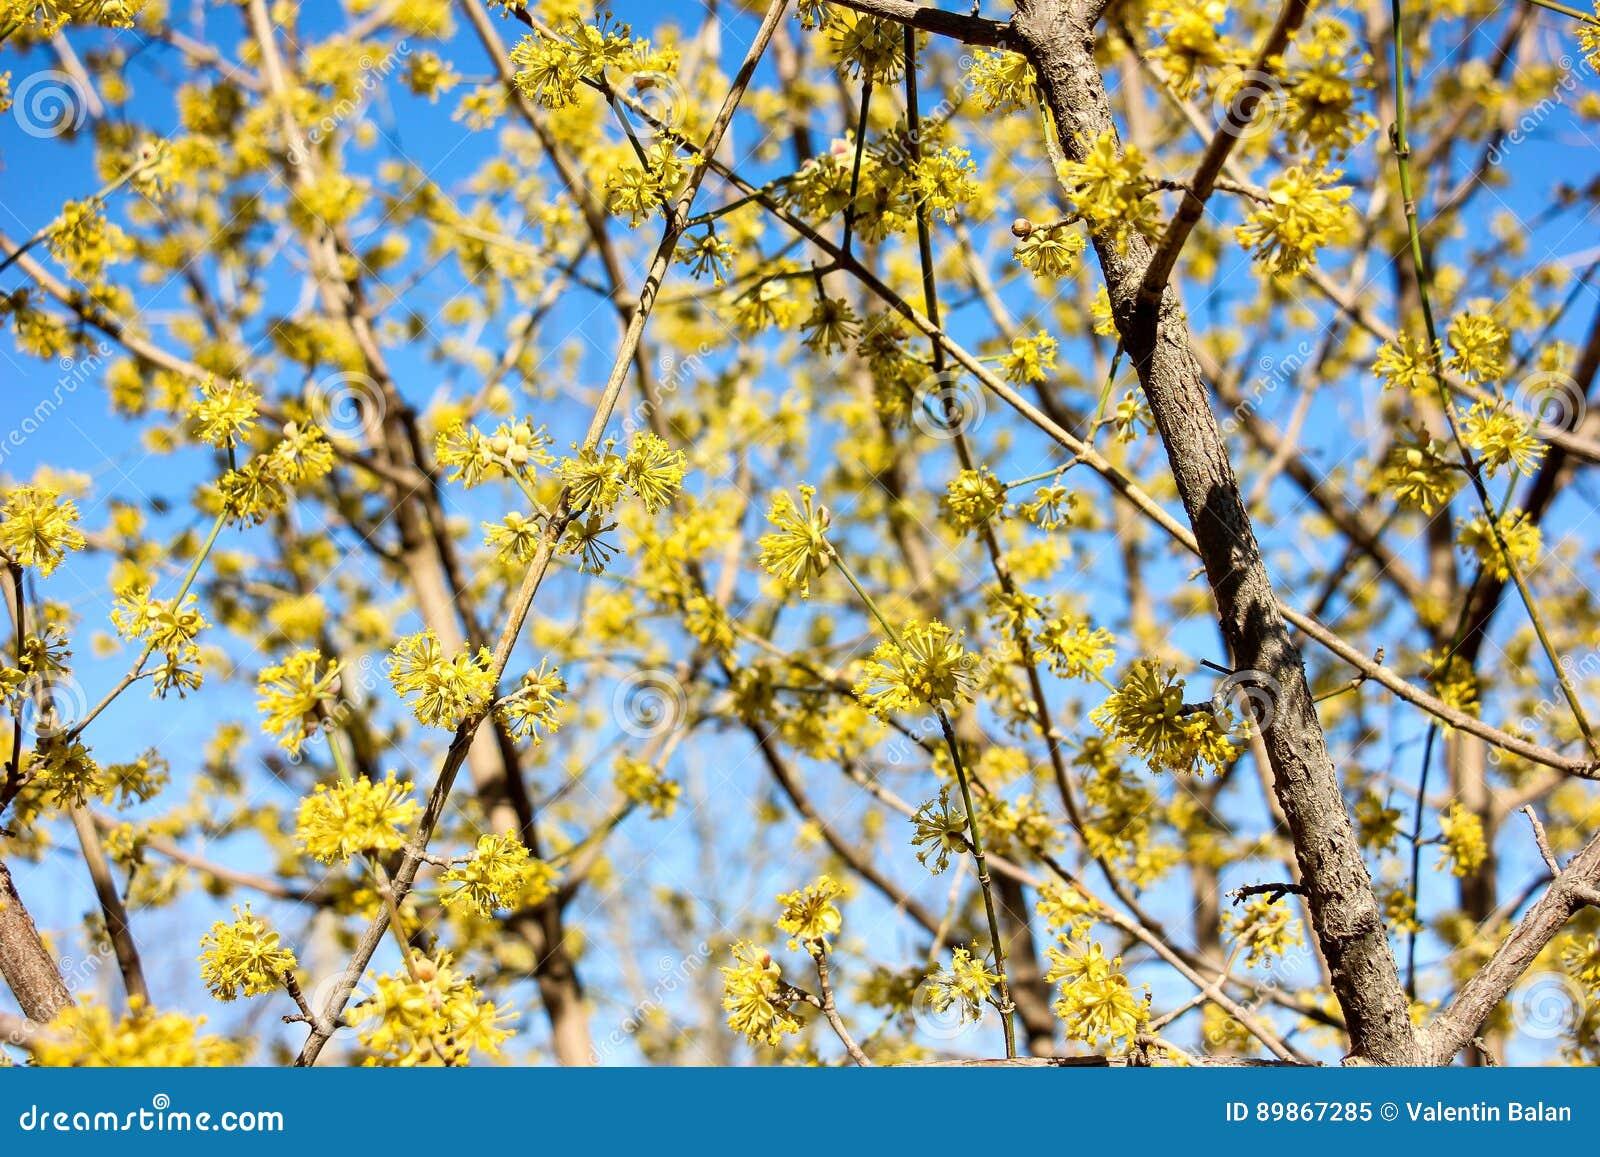 Fiori Gialli In Primavera.Fiori Gialli In Primavera Immagine Stock Immagine Di Bello 89867285